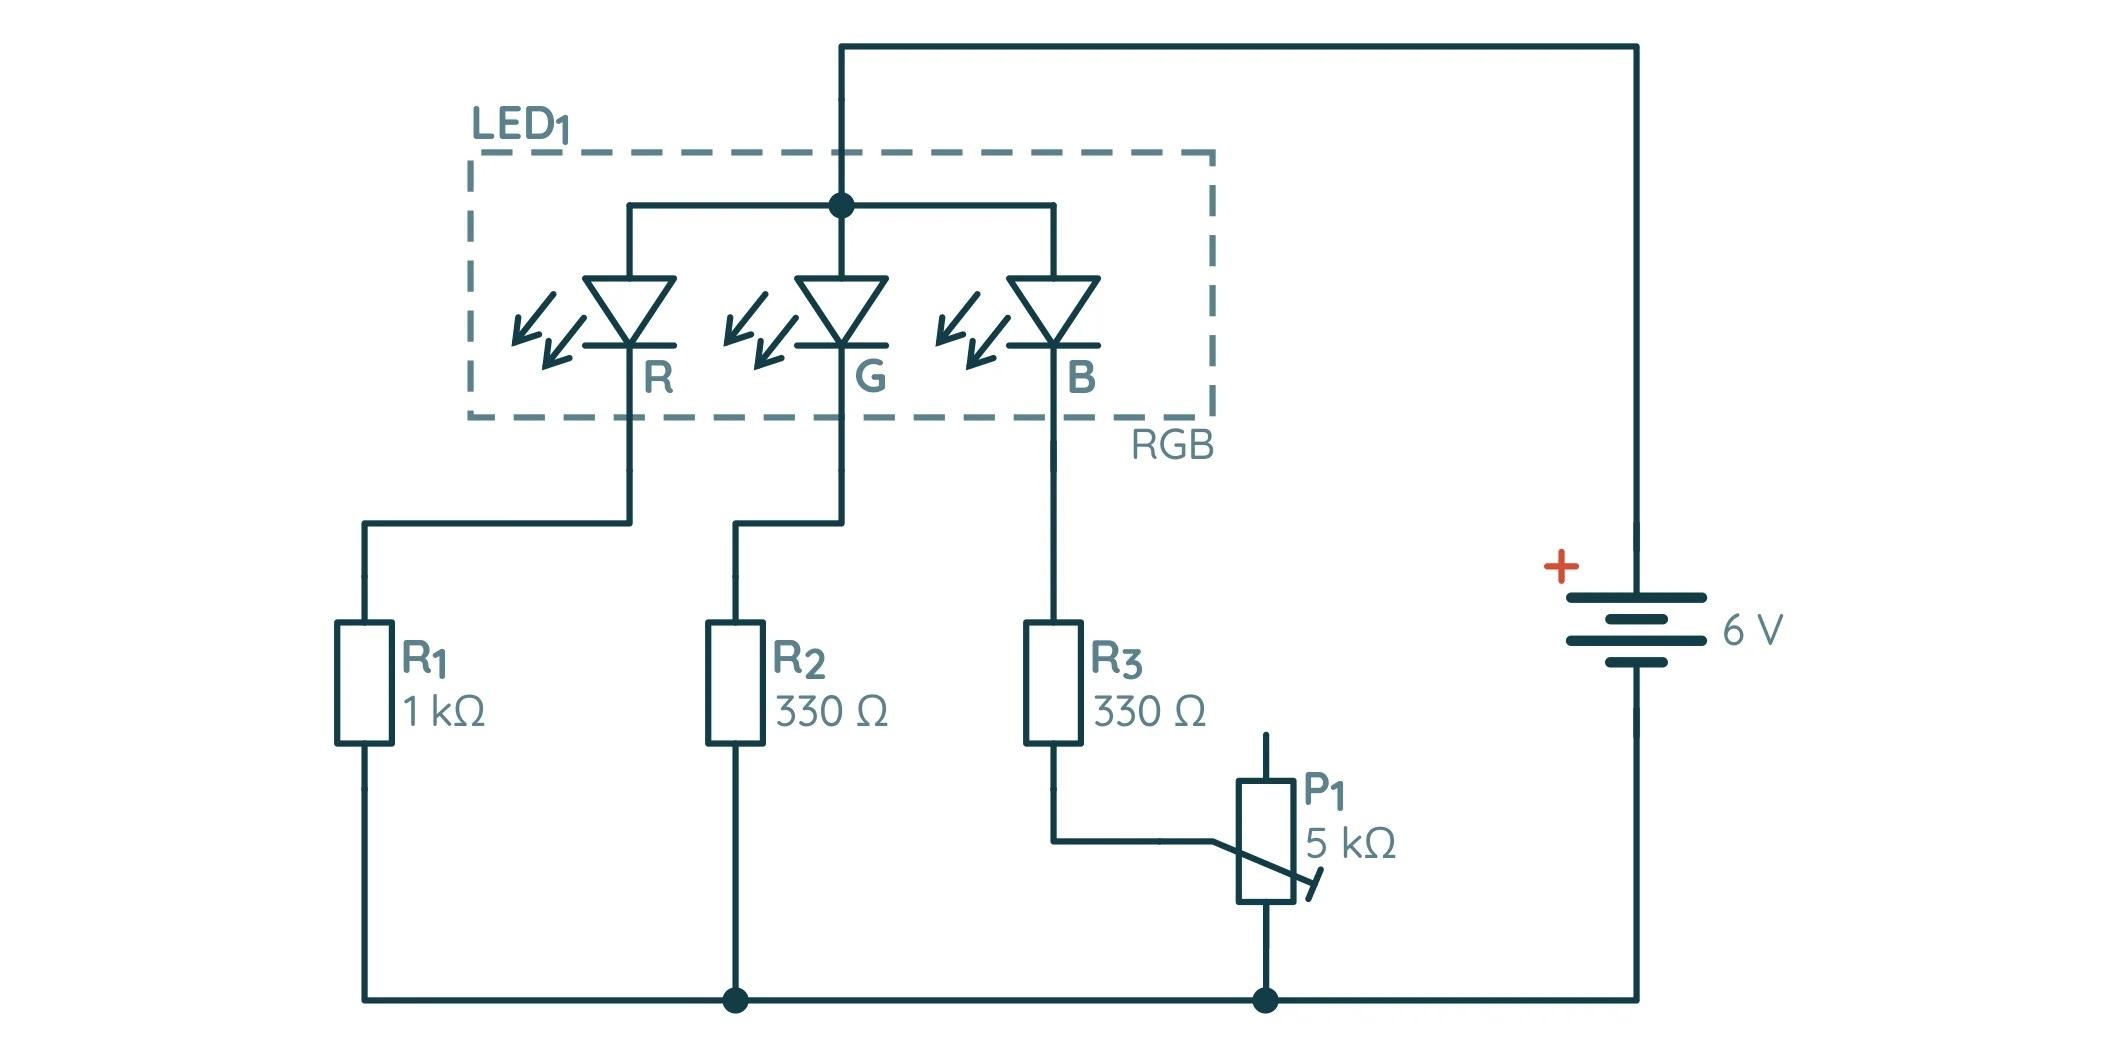 Схема упражнения с RGB-диодом и потенциометром